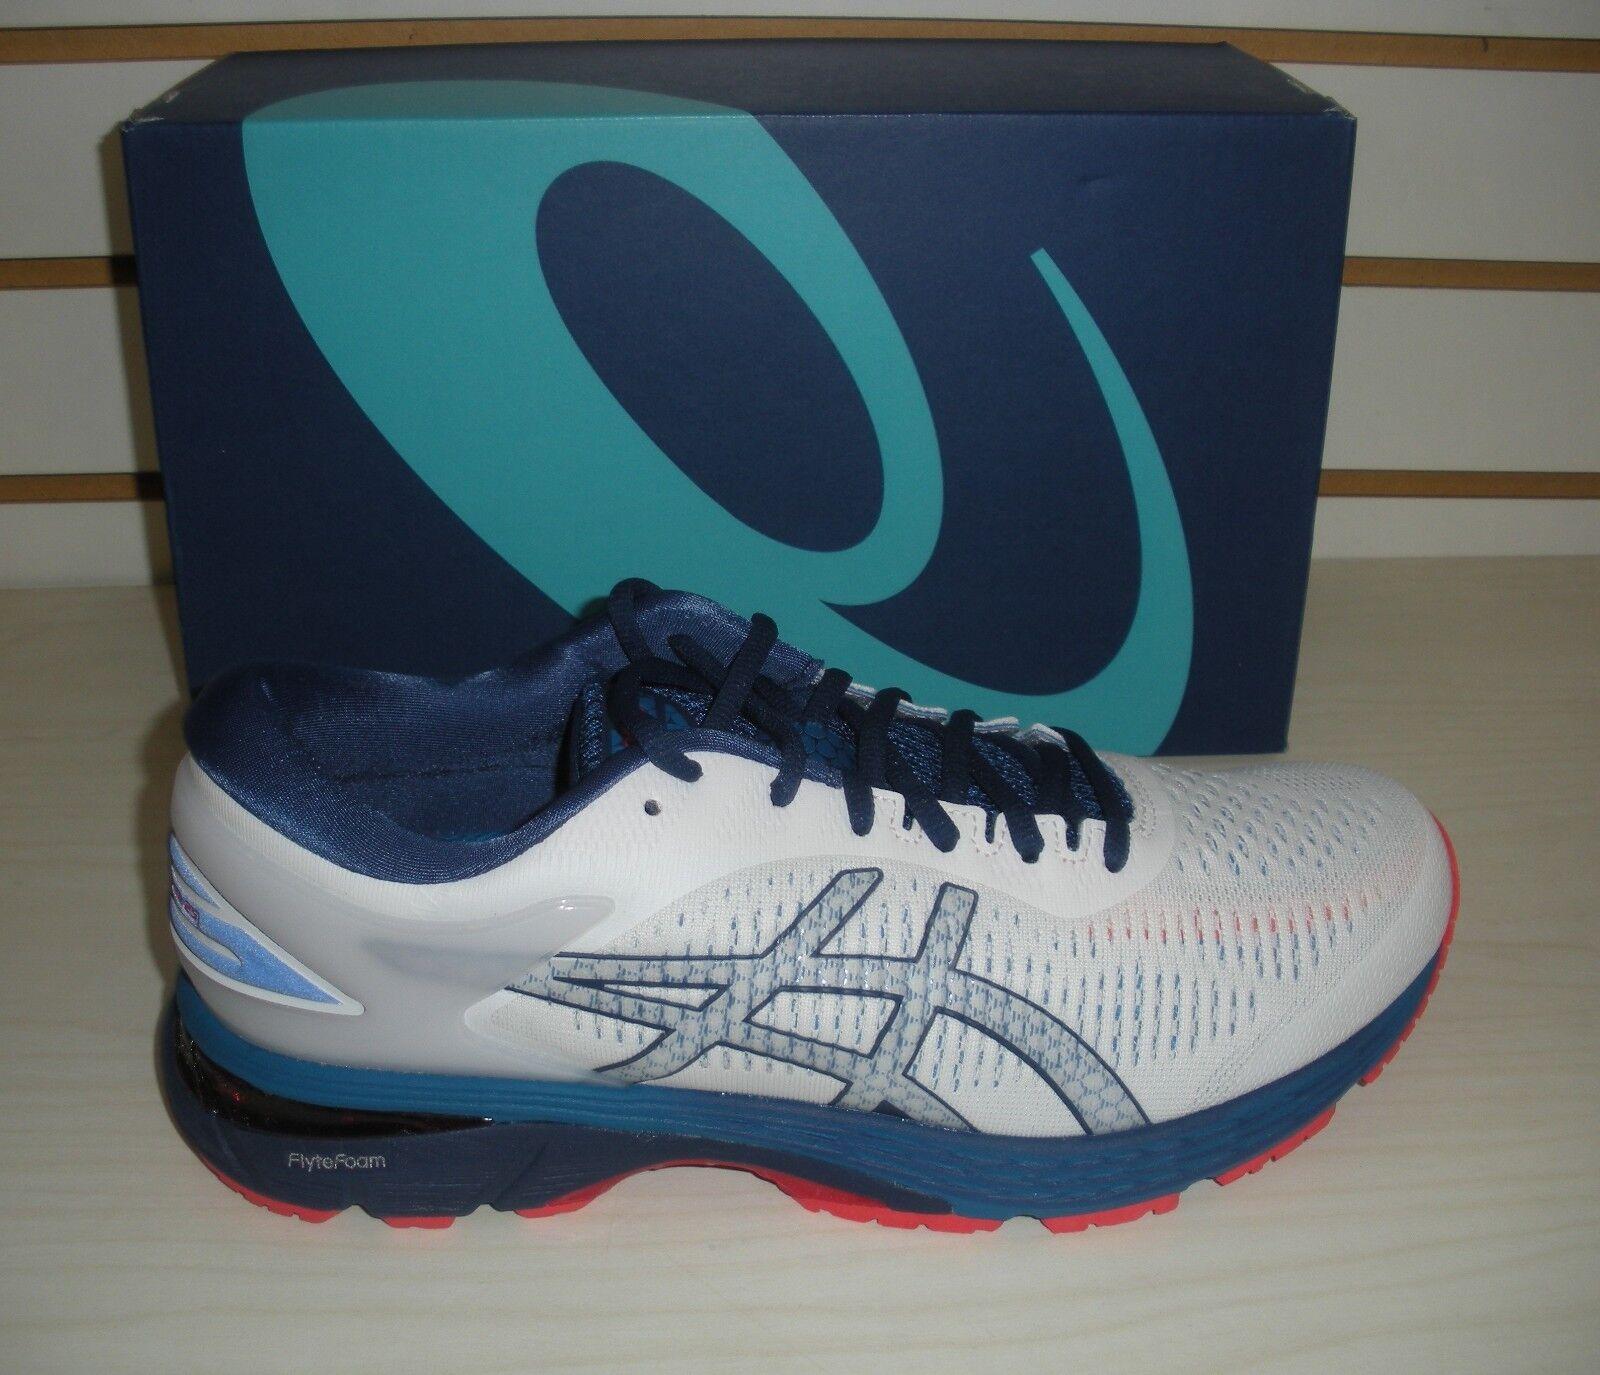 ASICS para hombre GEL-KAYANO 25-Zapatos tenis de correr - 1011A019-100 - blancoo Azul impresión